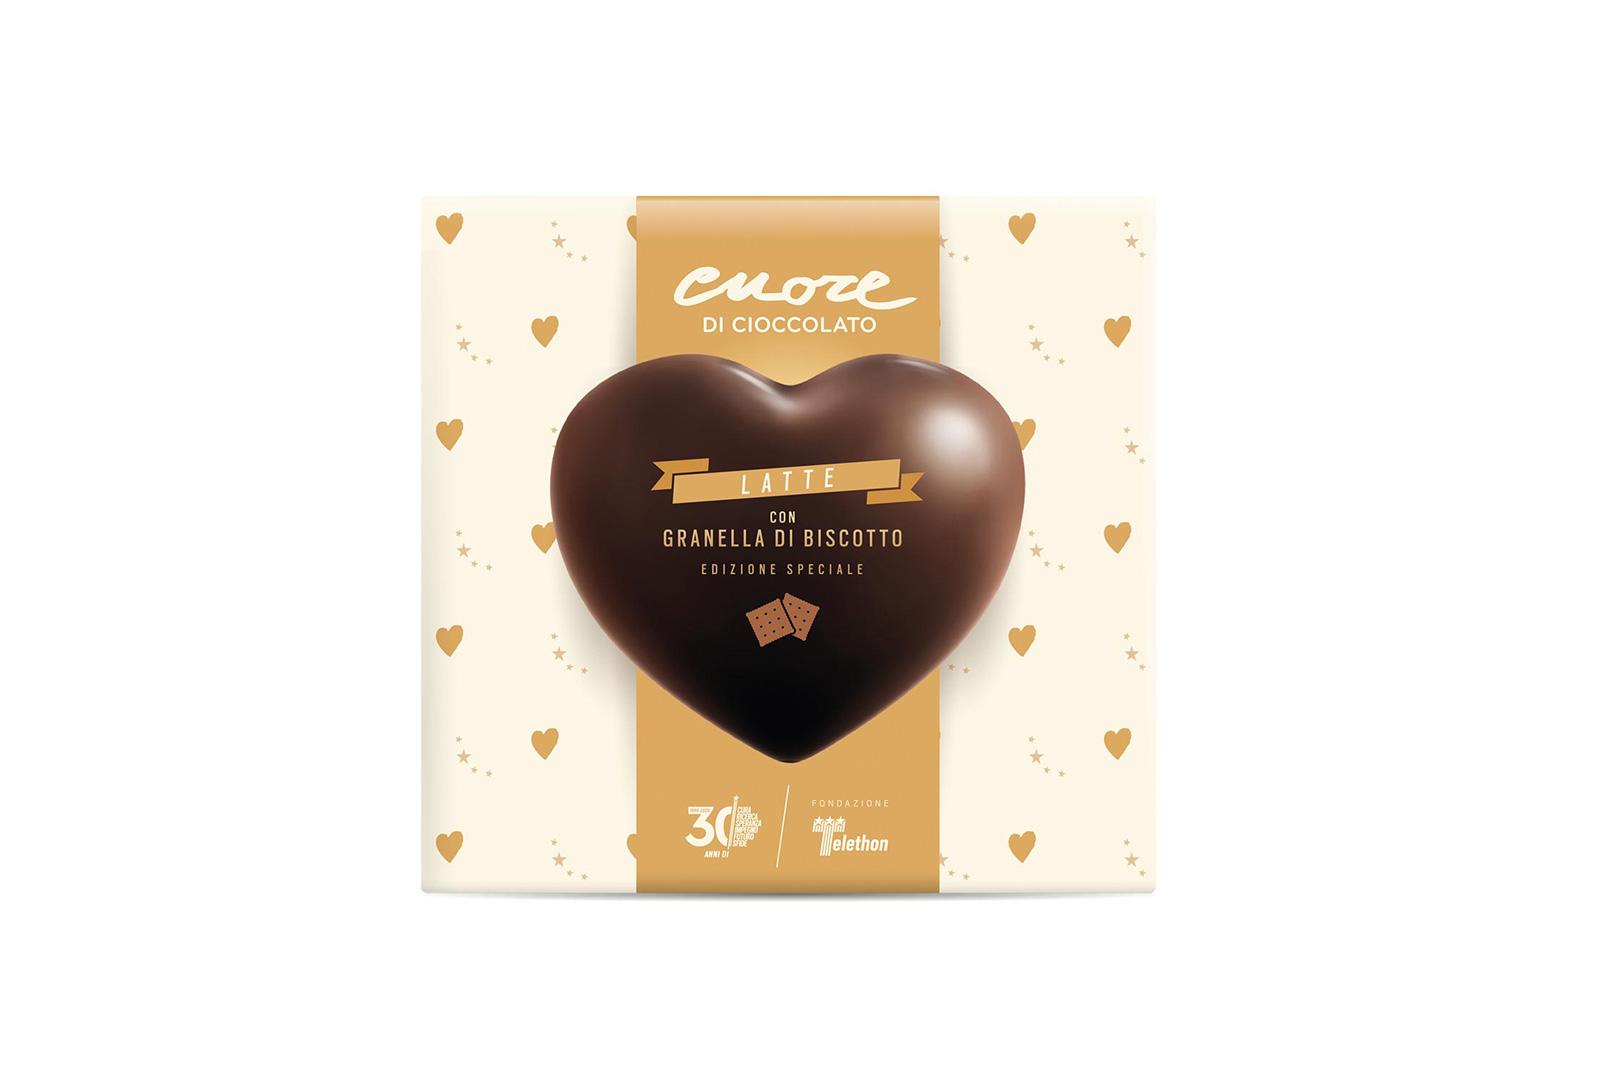 P0939_Cuore-di-cioccolato-al-latte-con-granella-di-biscotto_render